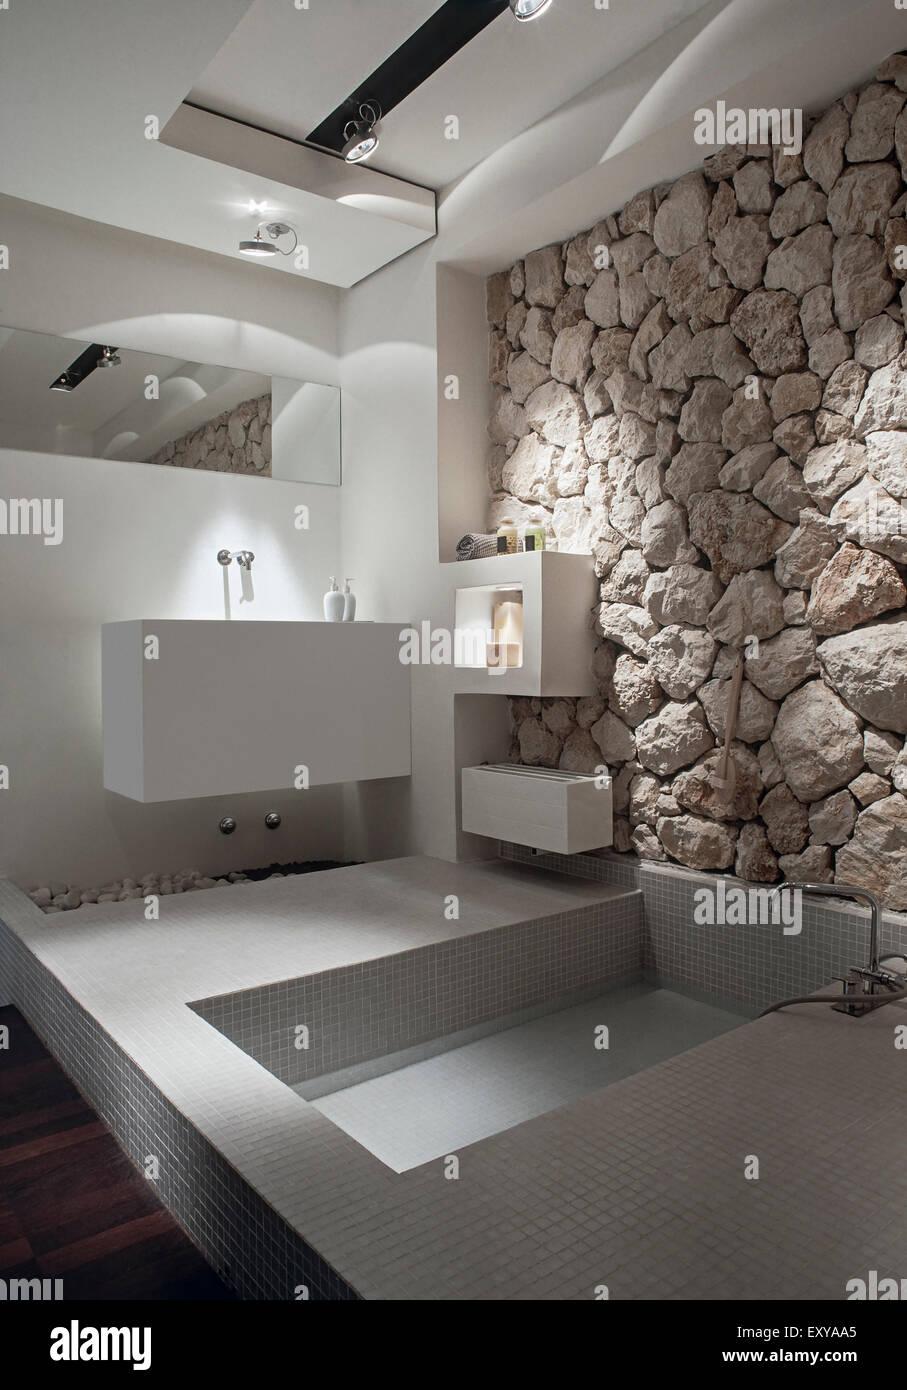 Primo piano della vasca da bagno che si affaccia sul lavandino in un bagno moderno la cui parete for Vasca da bagno in inglese